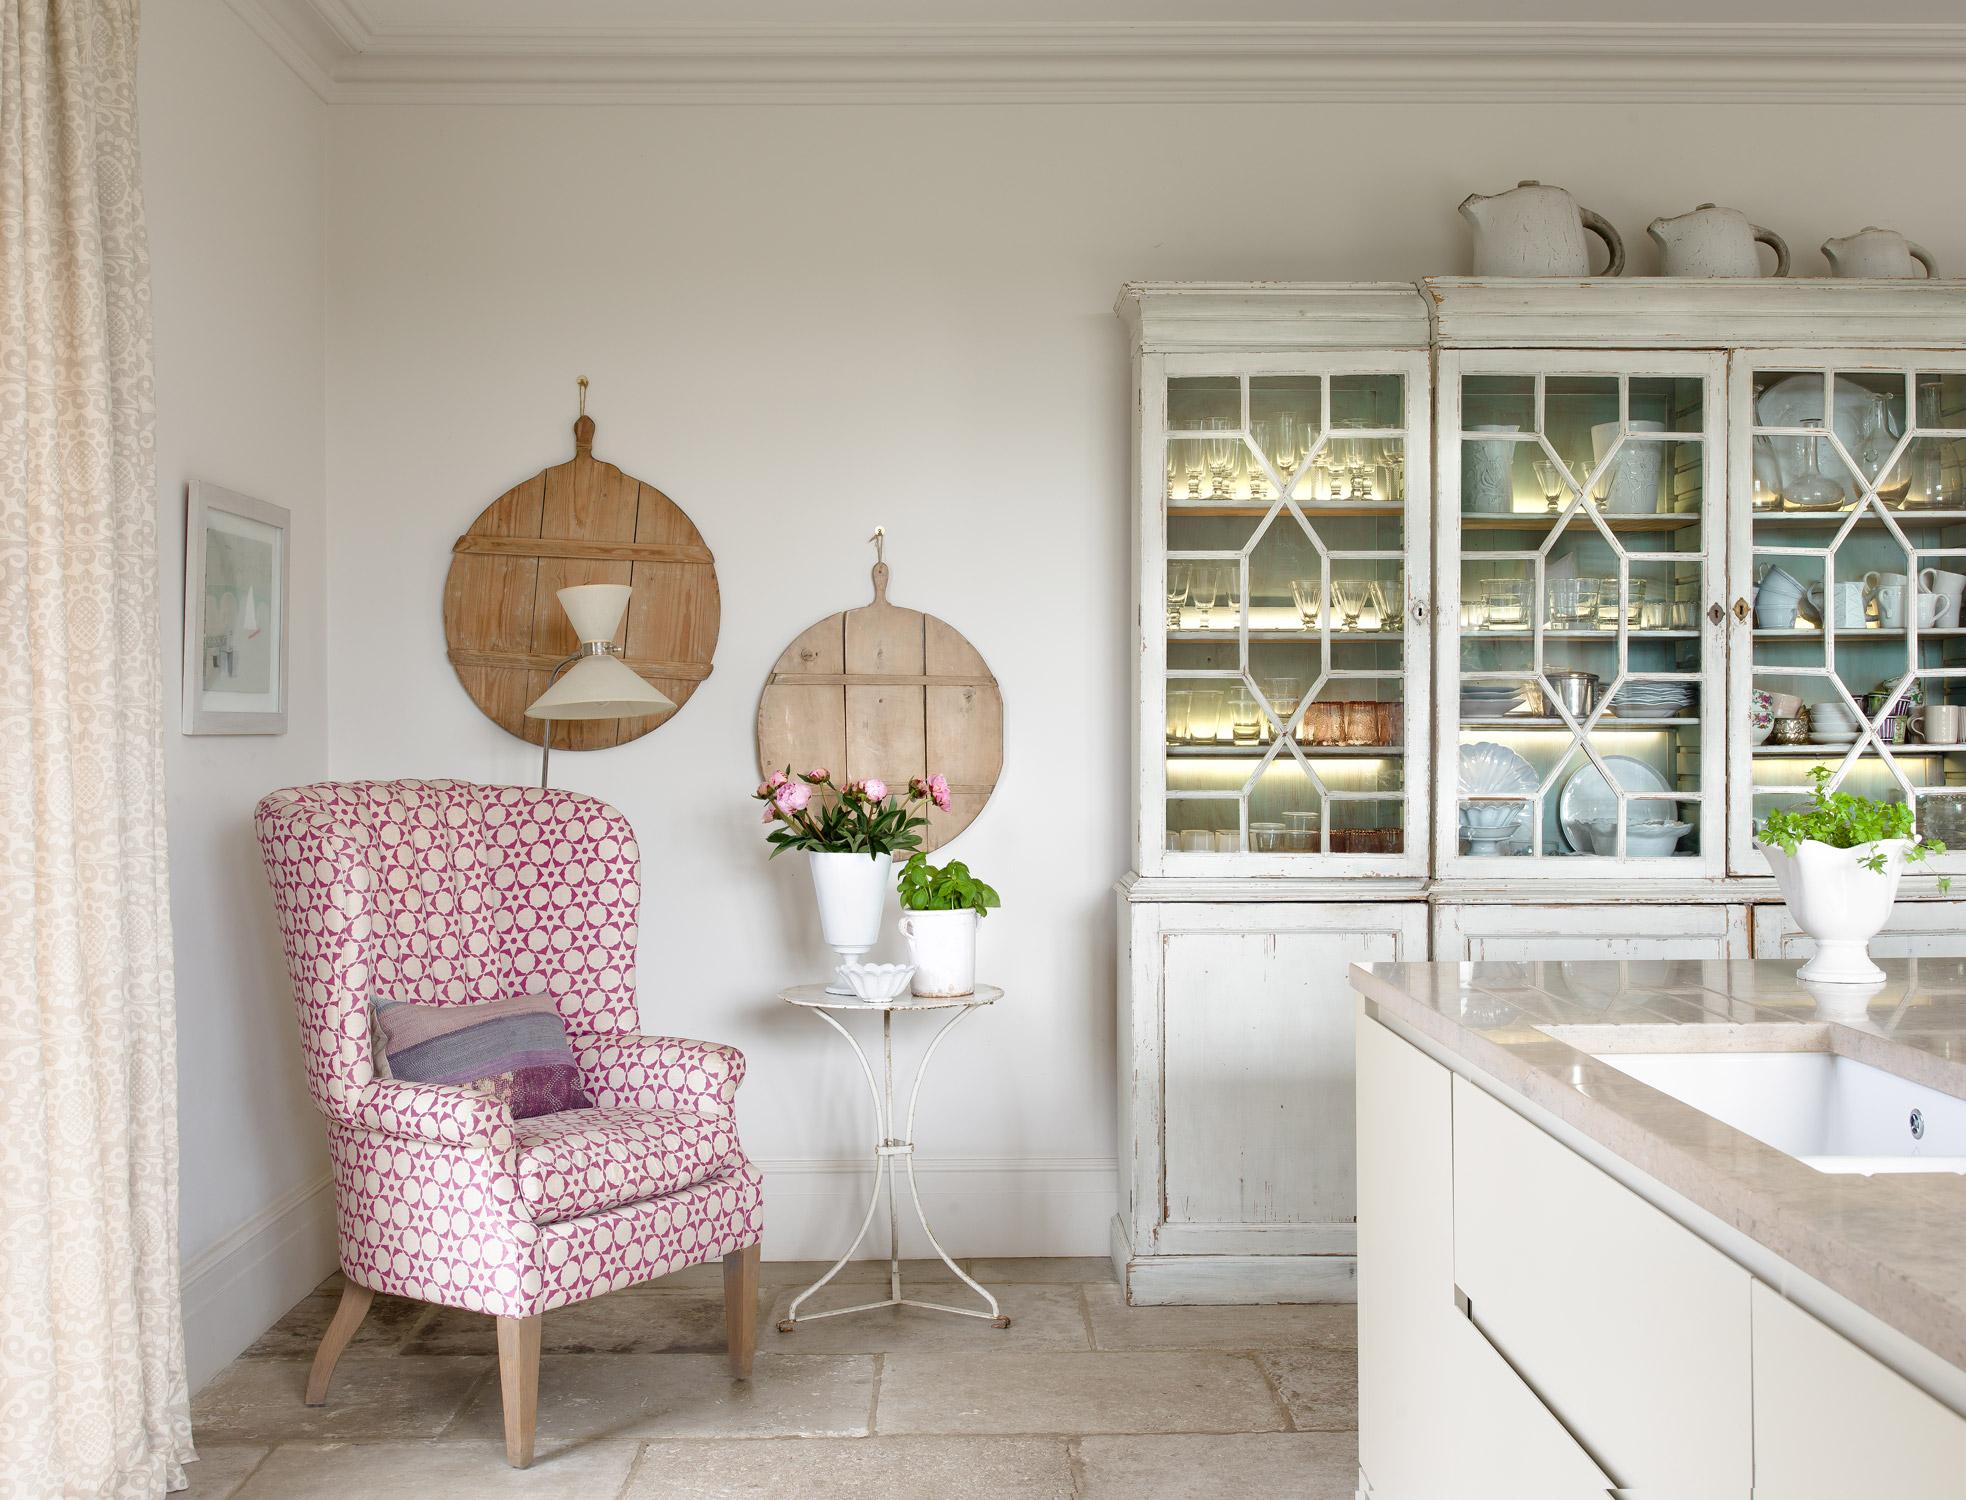 kitchen chair – interior design by Eadie & Crole